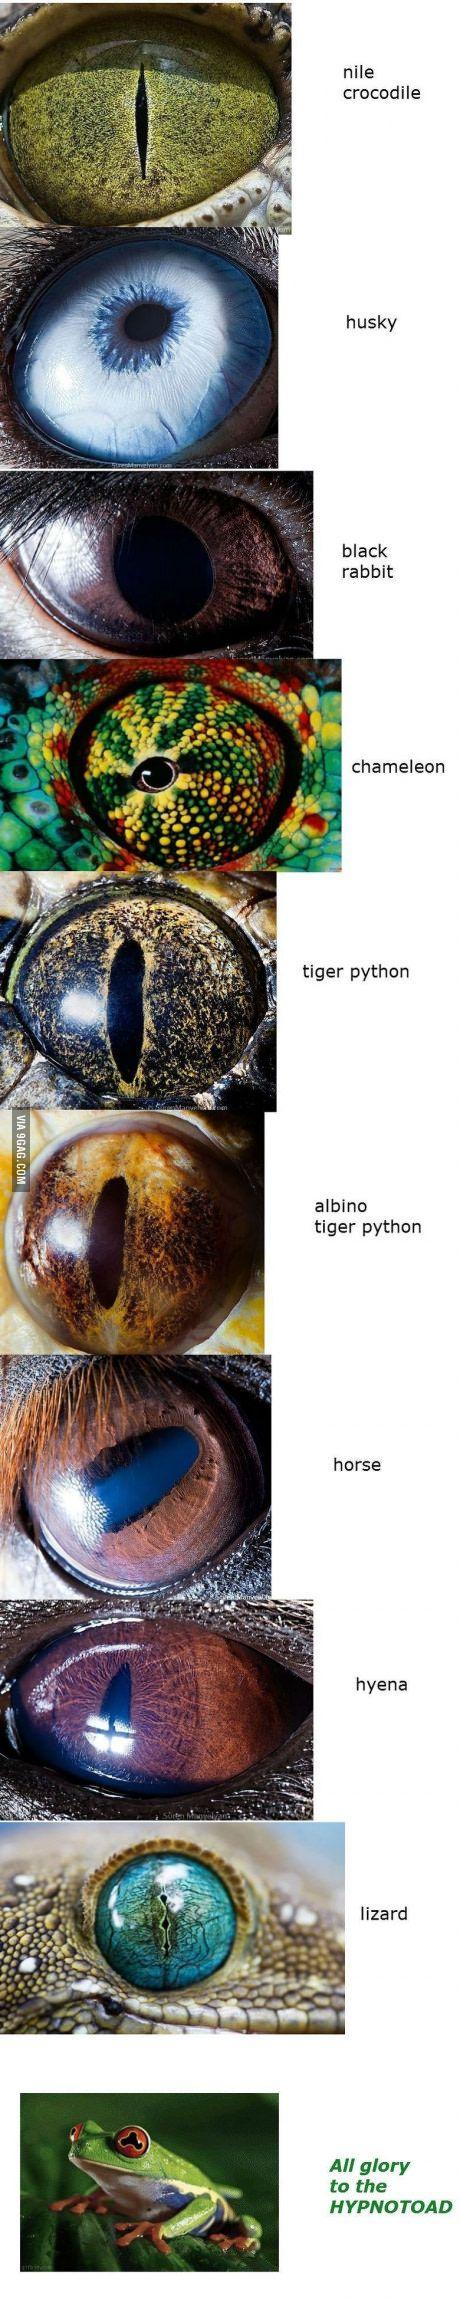 Animal eye close up Part 1